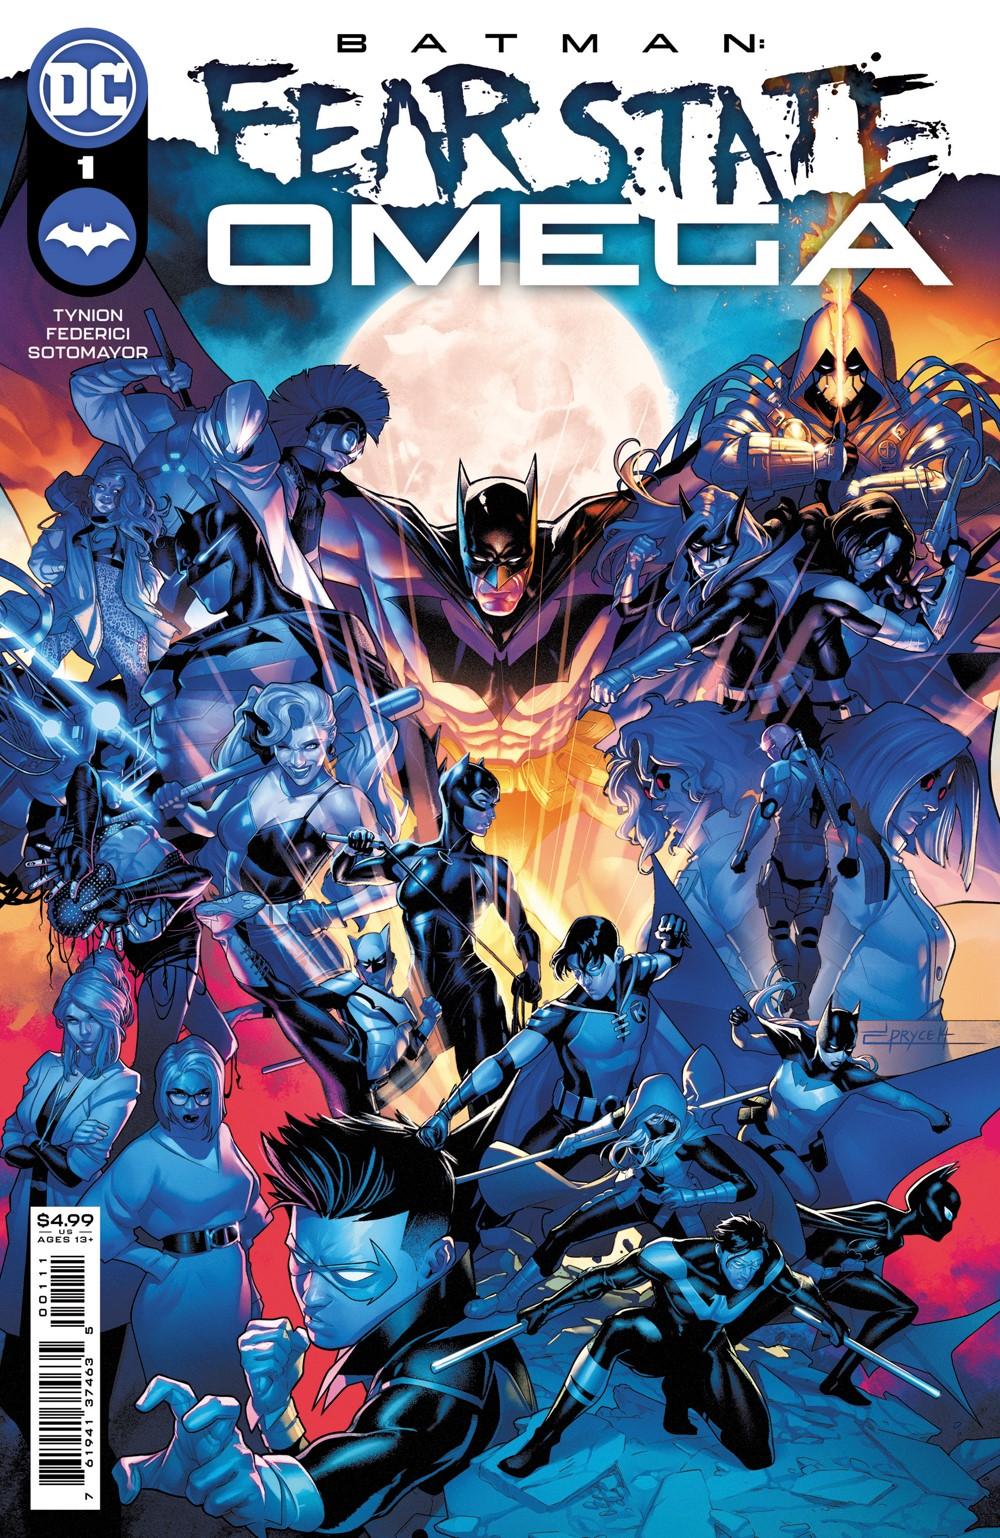 BM_FS_OMEGA_Cv1 DC Comics November 2021 Solicitations